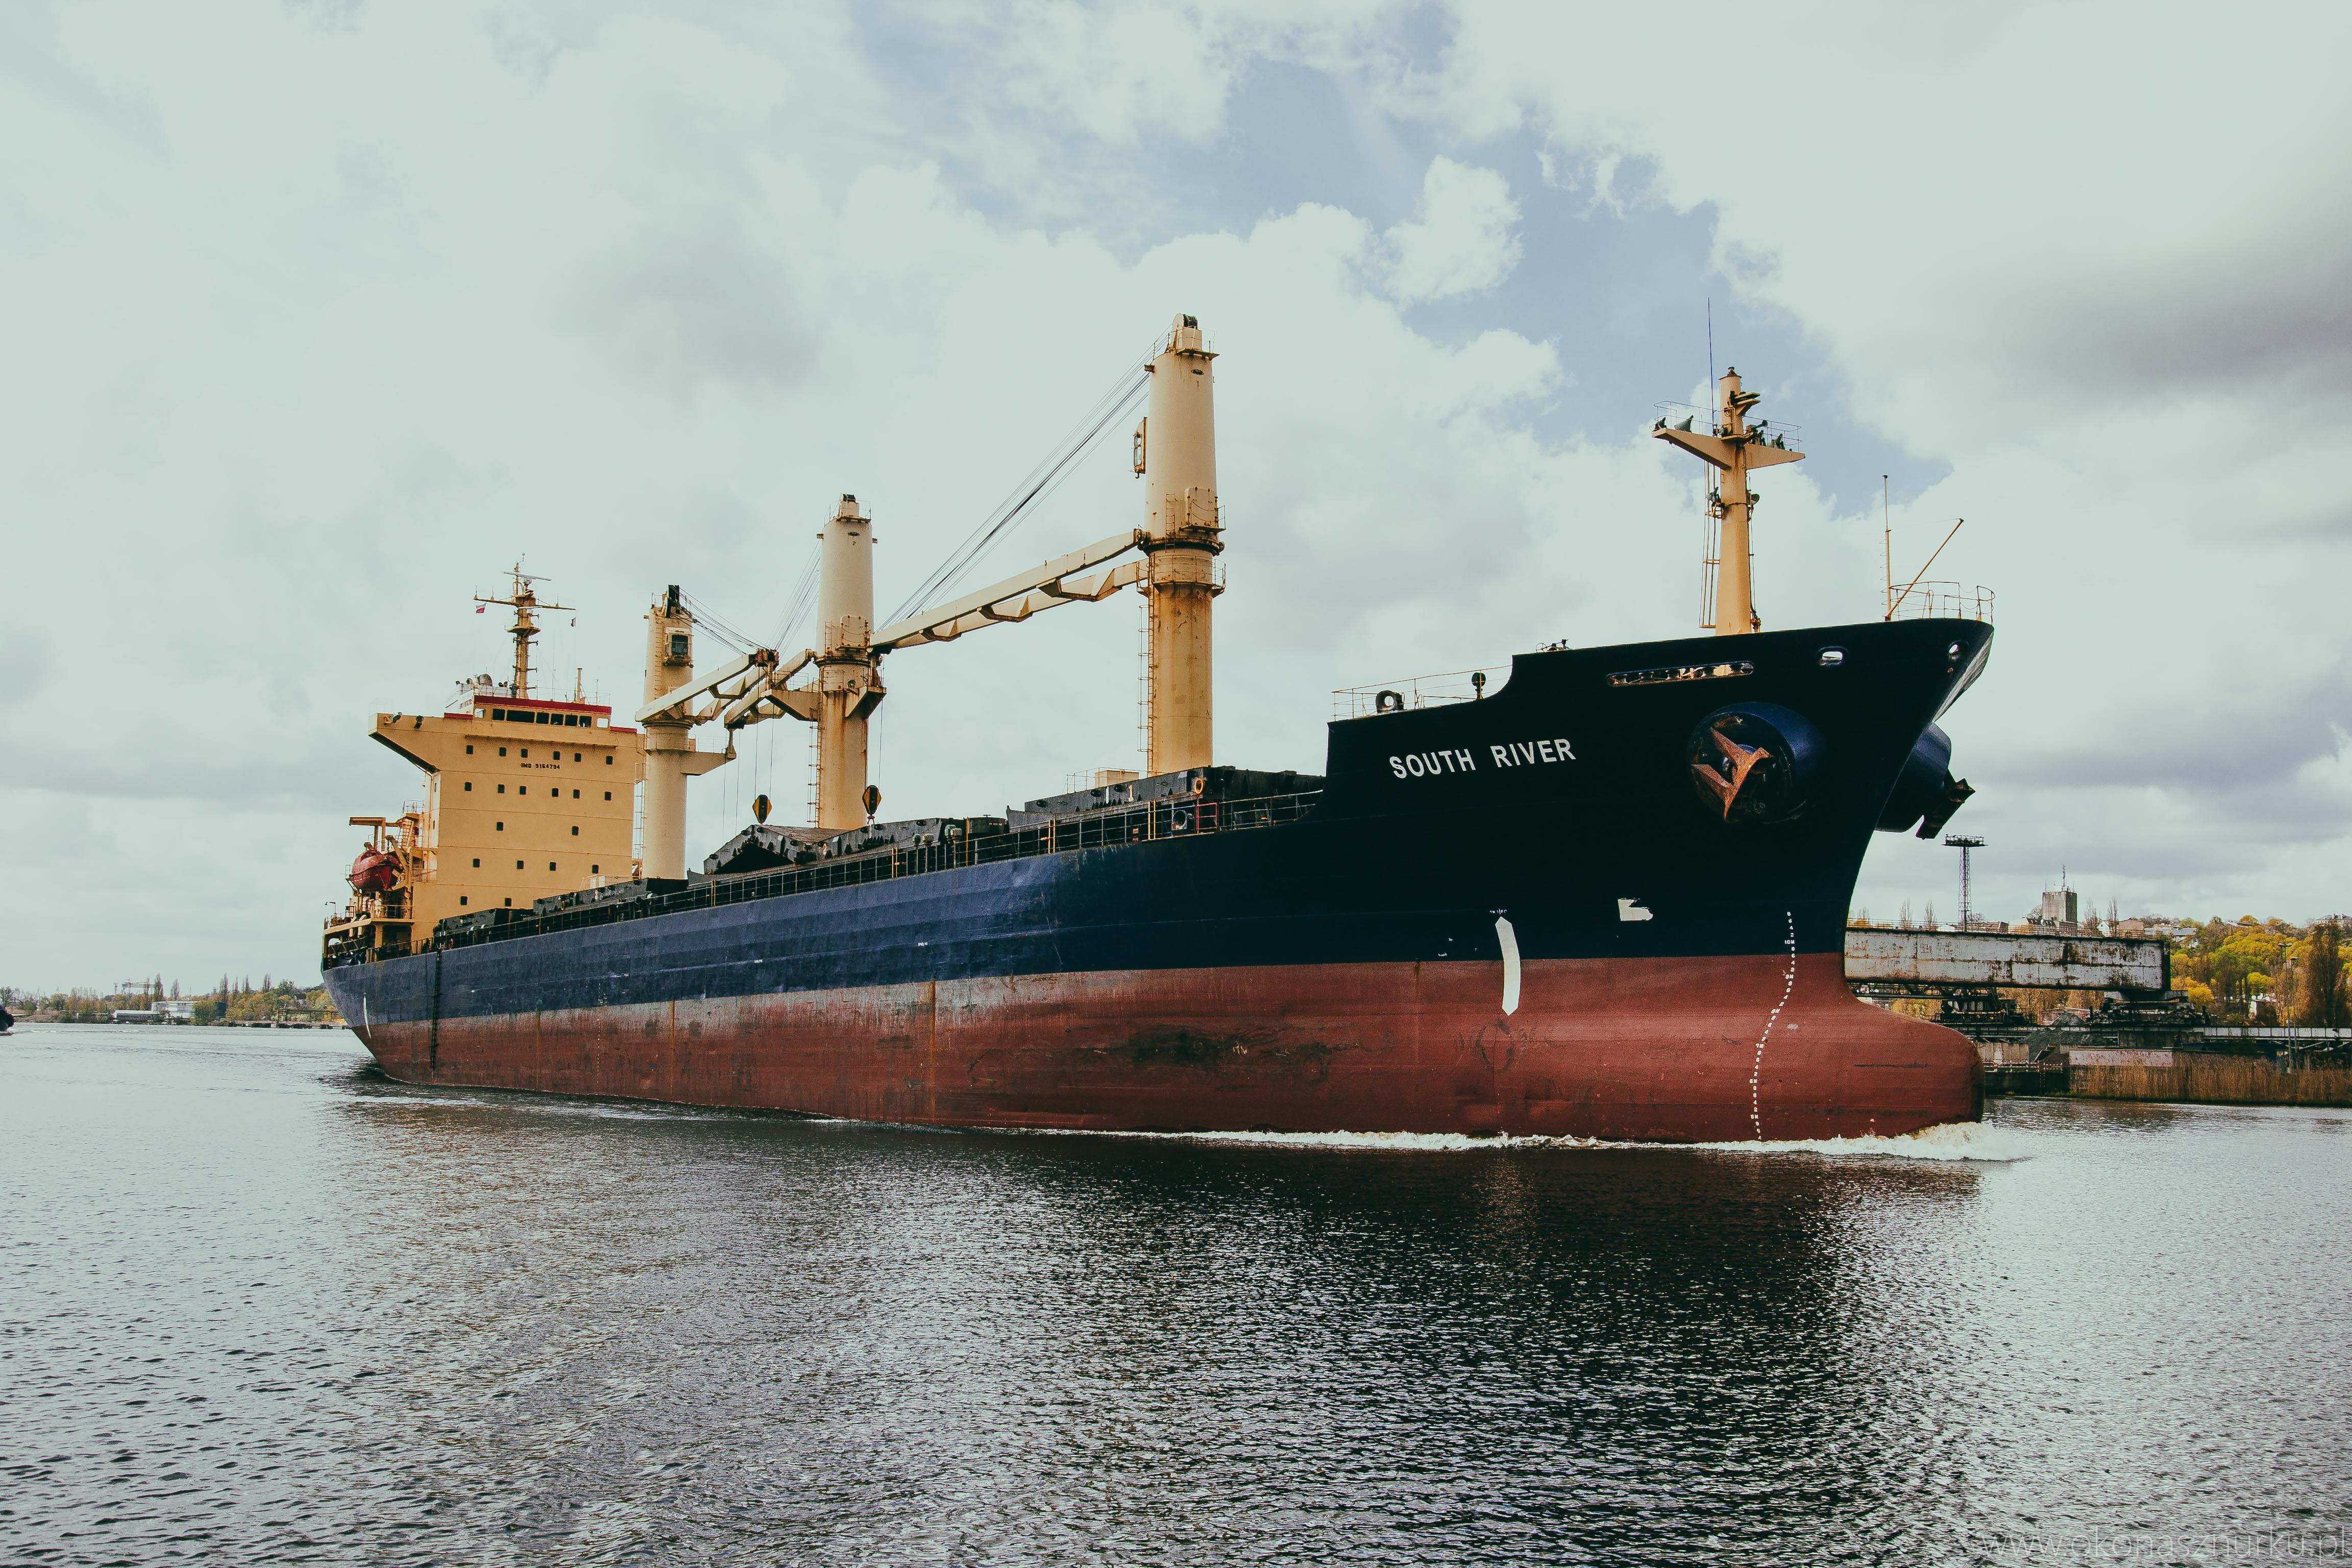 marina-jacht-wyprawy-morskie-silesia-szczecin-goclaw-lubczyna (31)